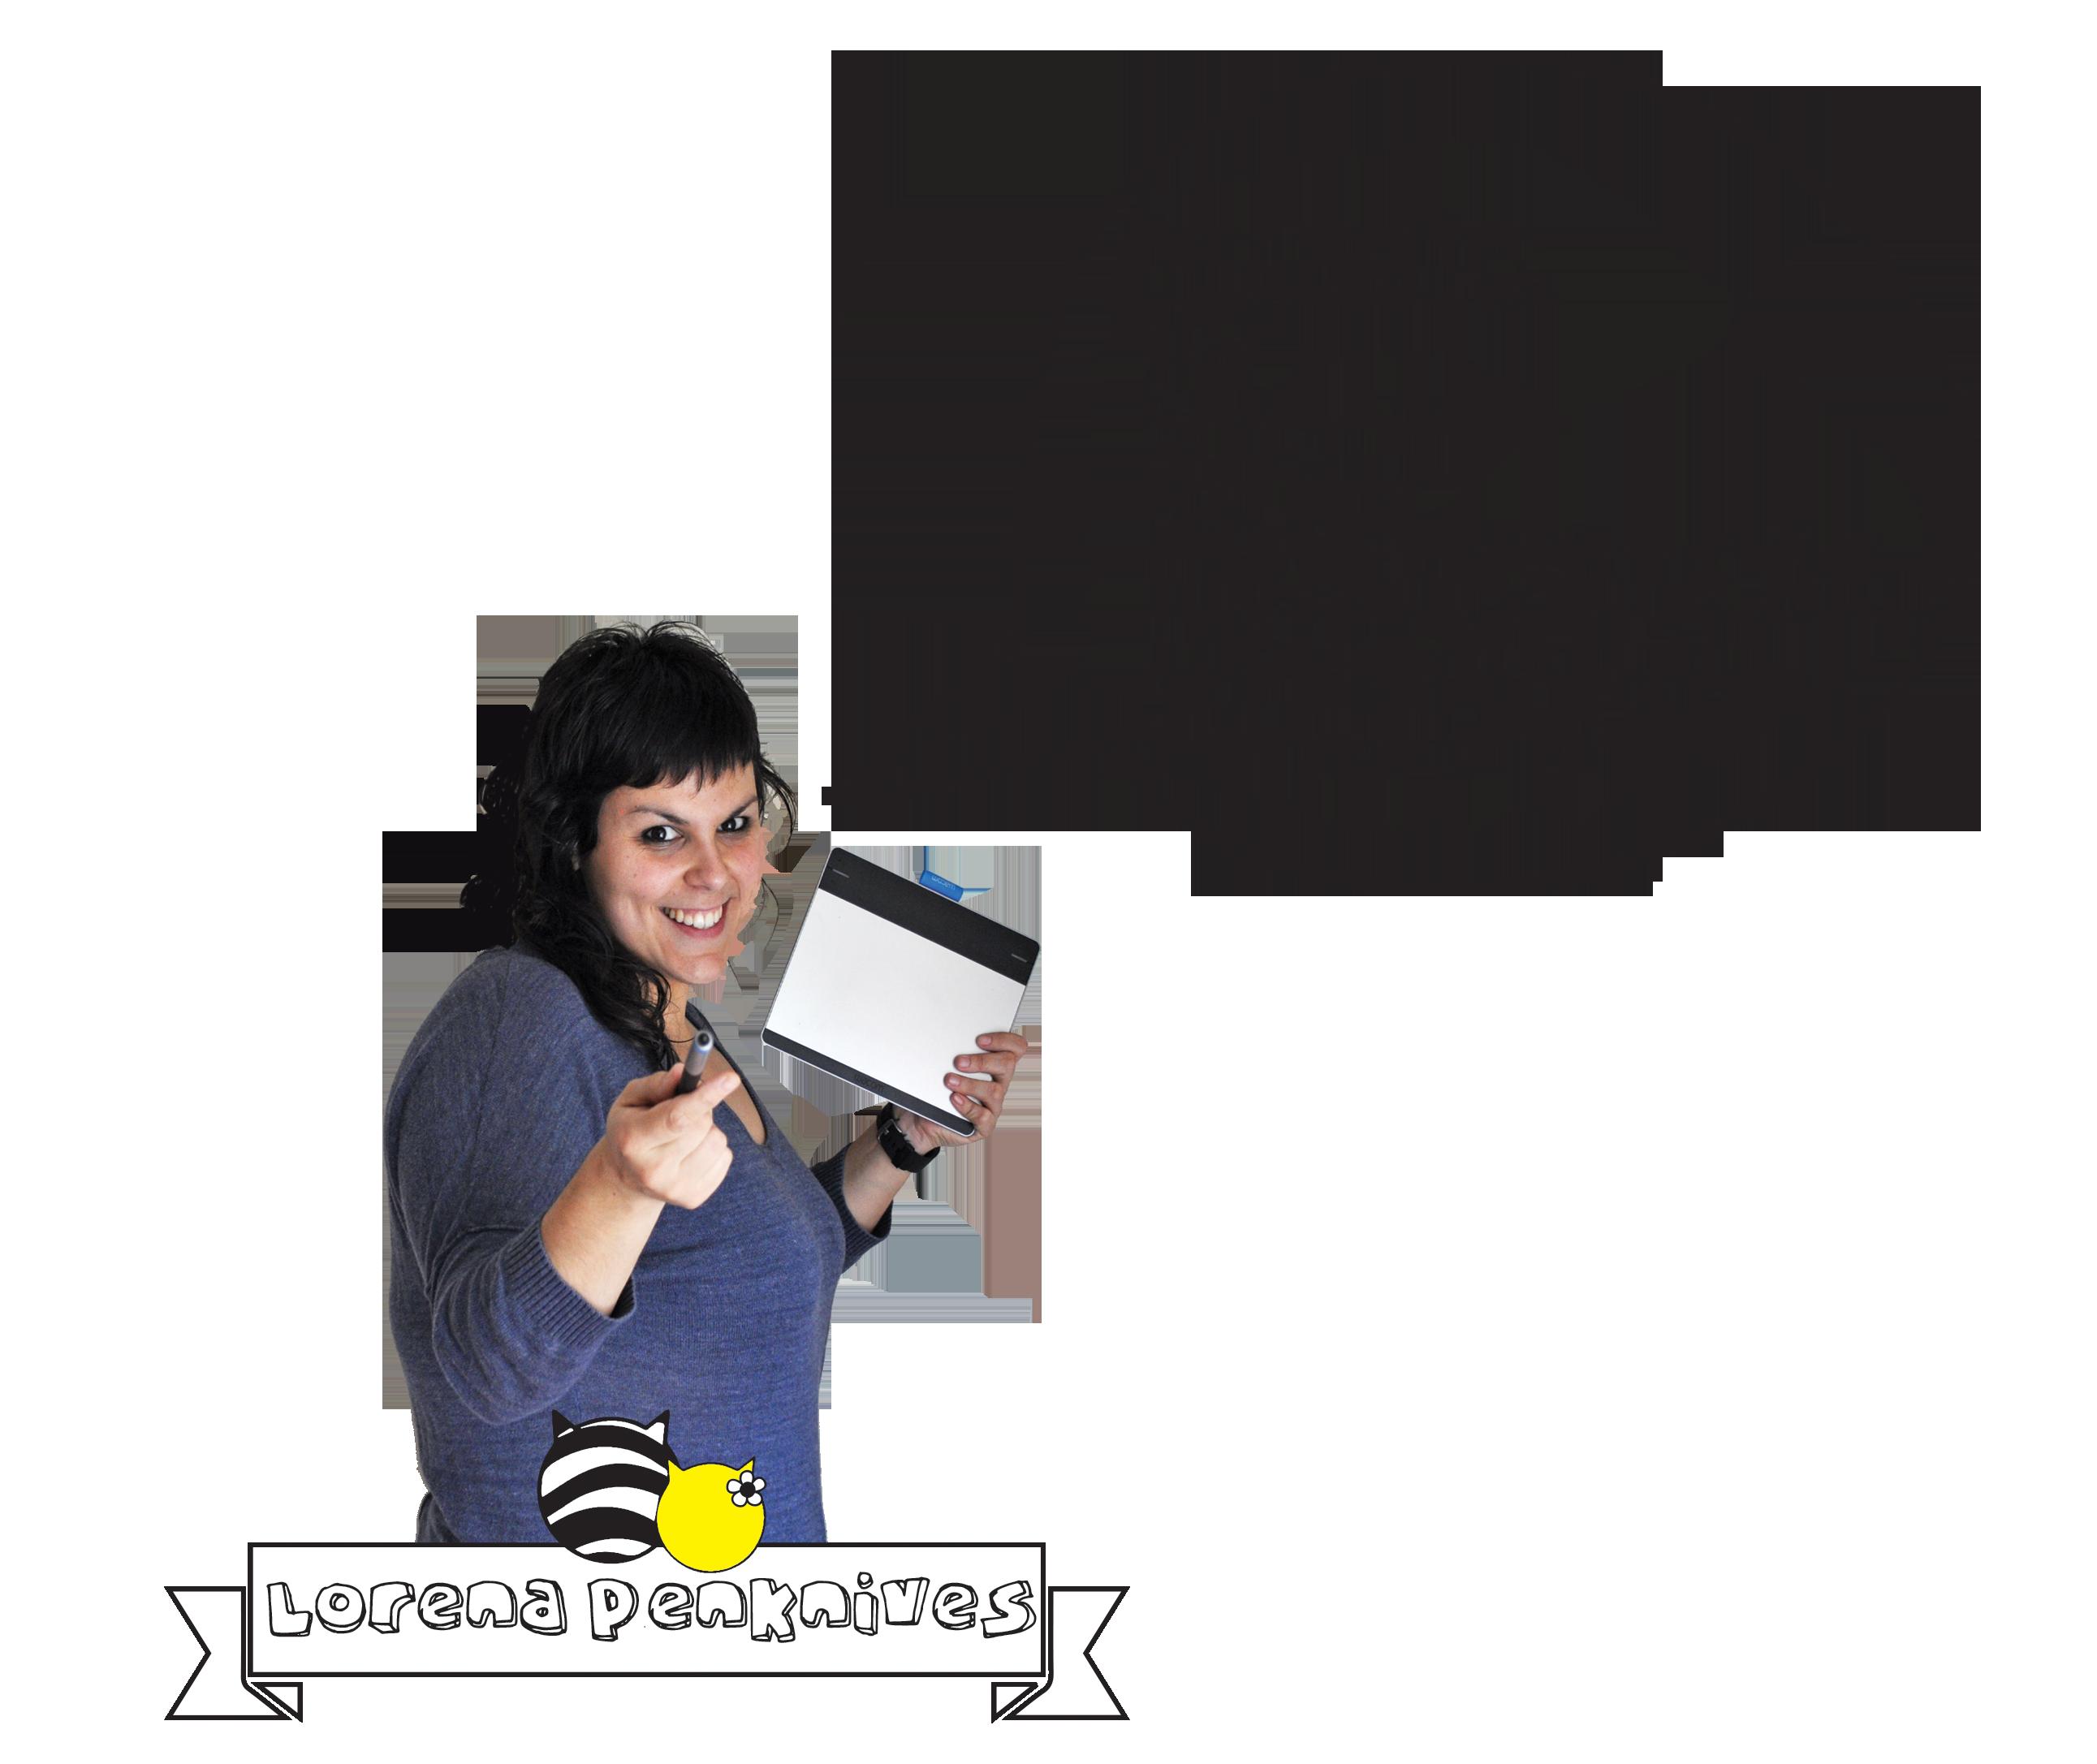 Lorena amb banner+presentació